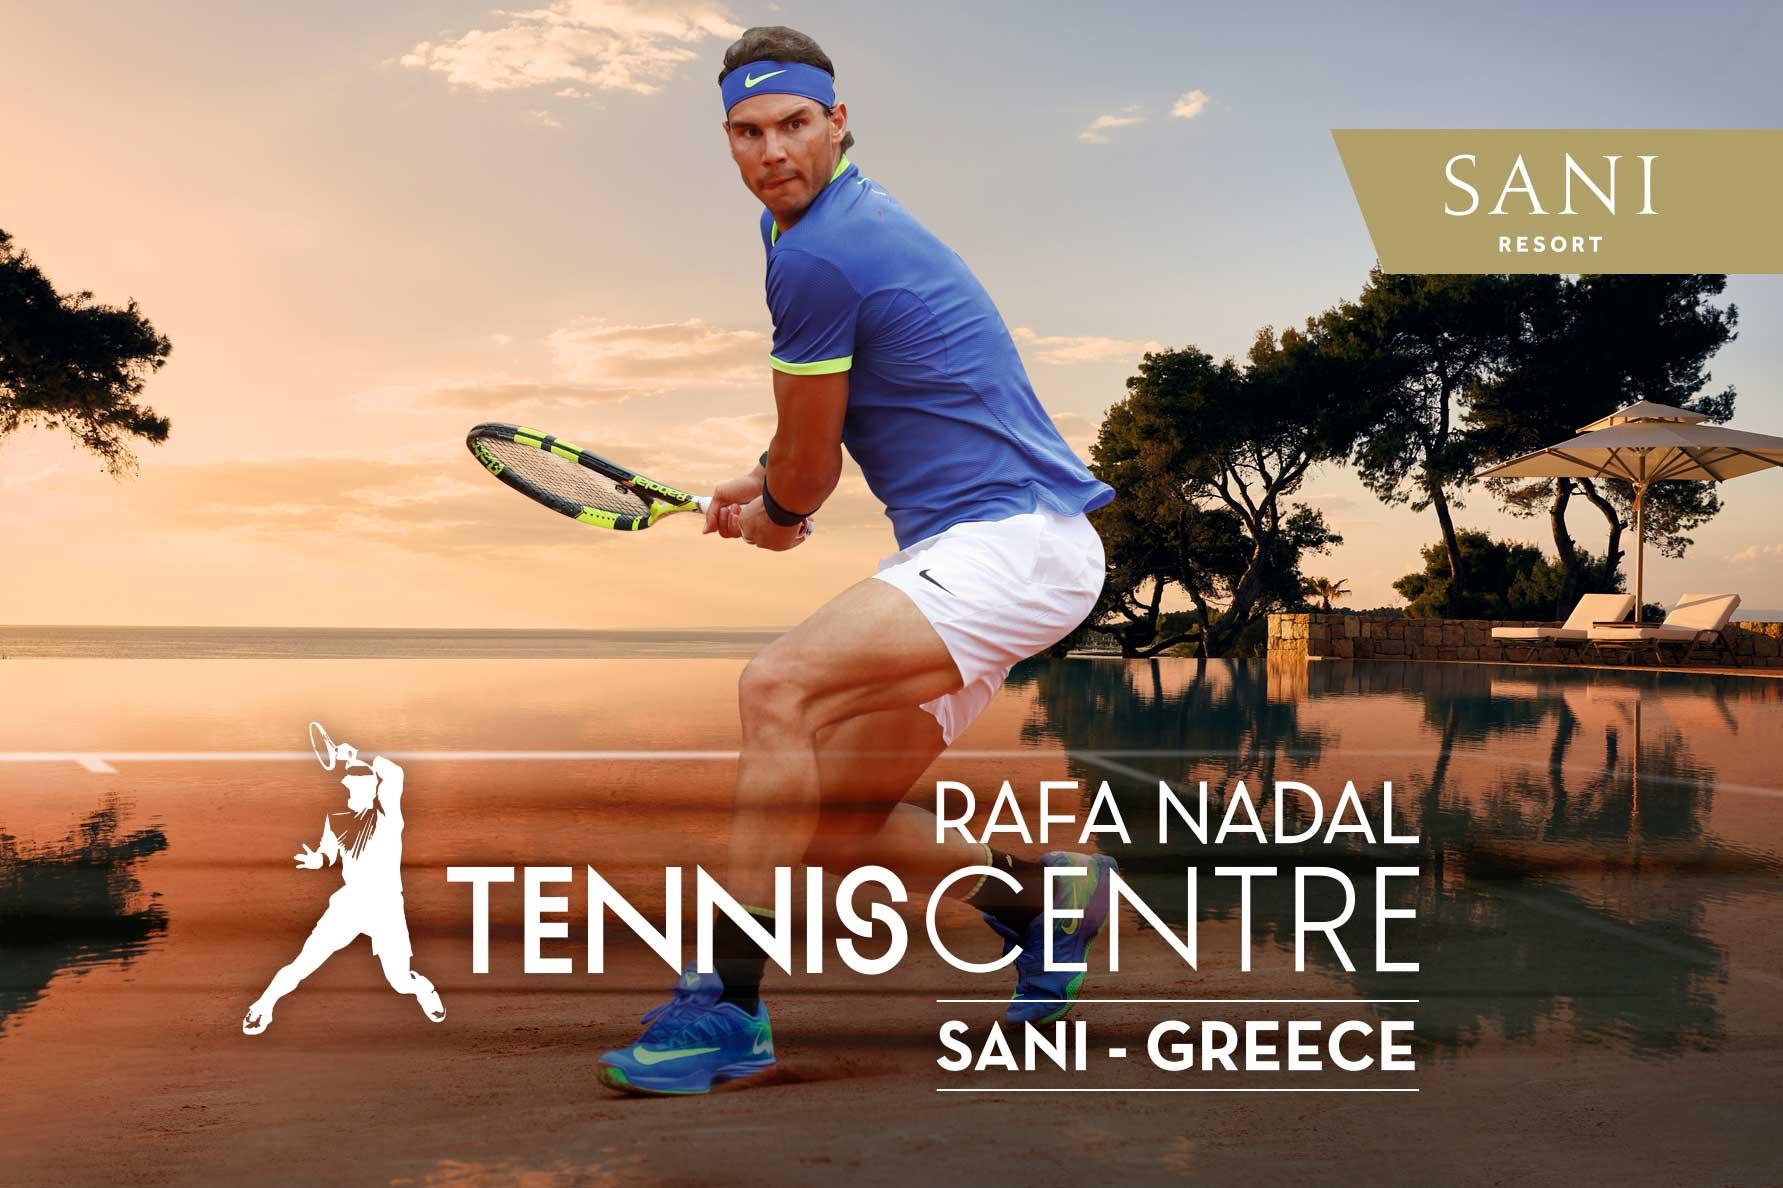 Rafa Nadal Tennis Centre Grecia